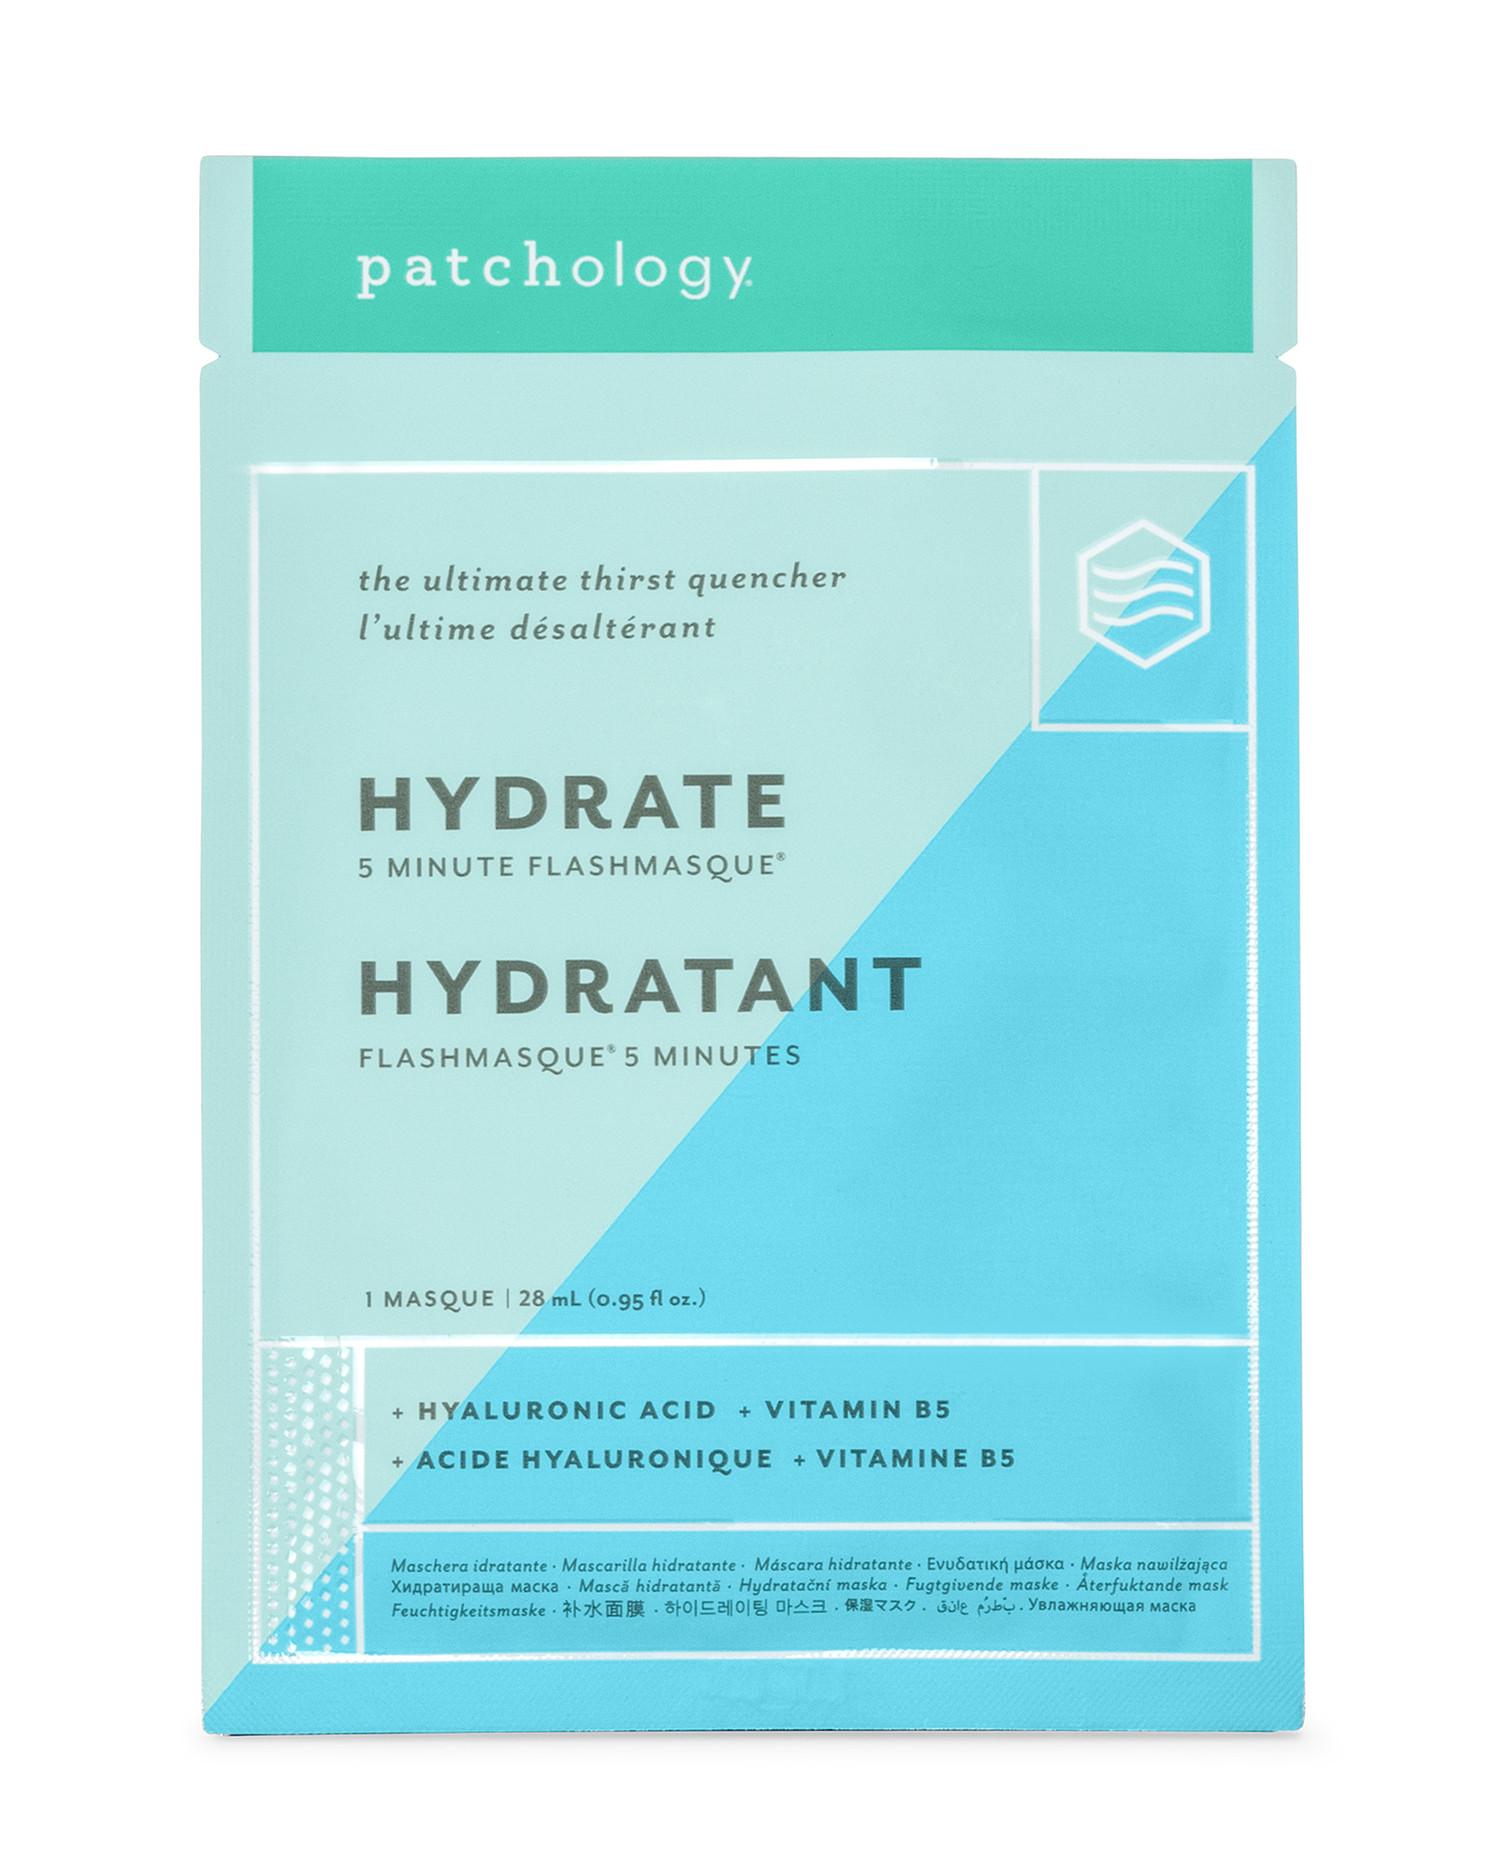 Mascarilla flash hidratante de Patchology